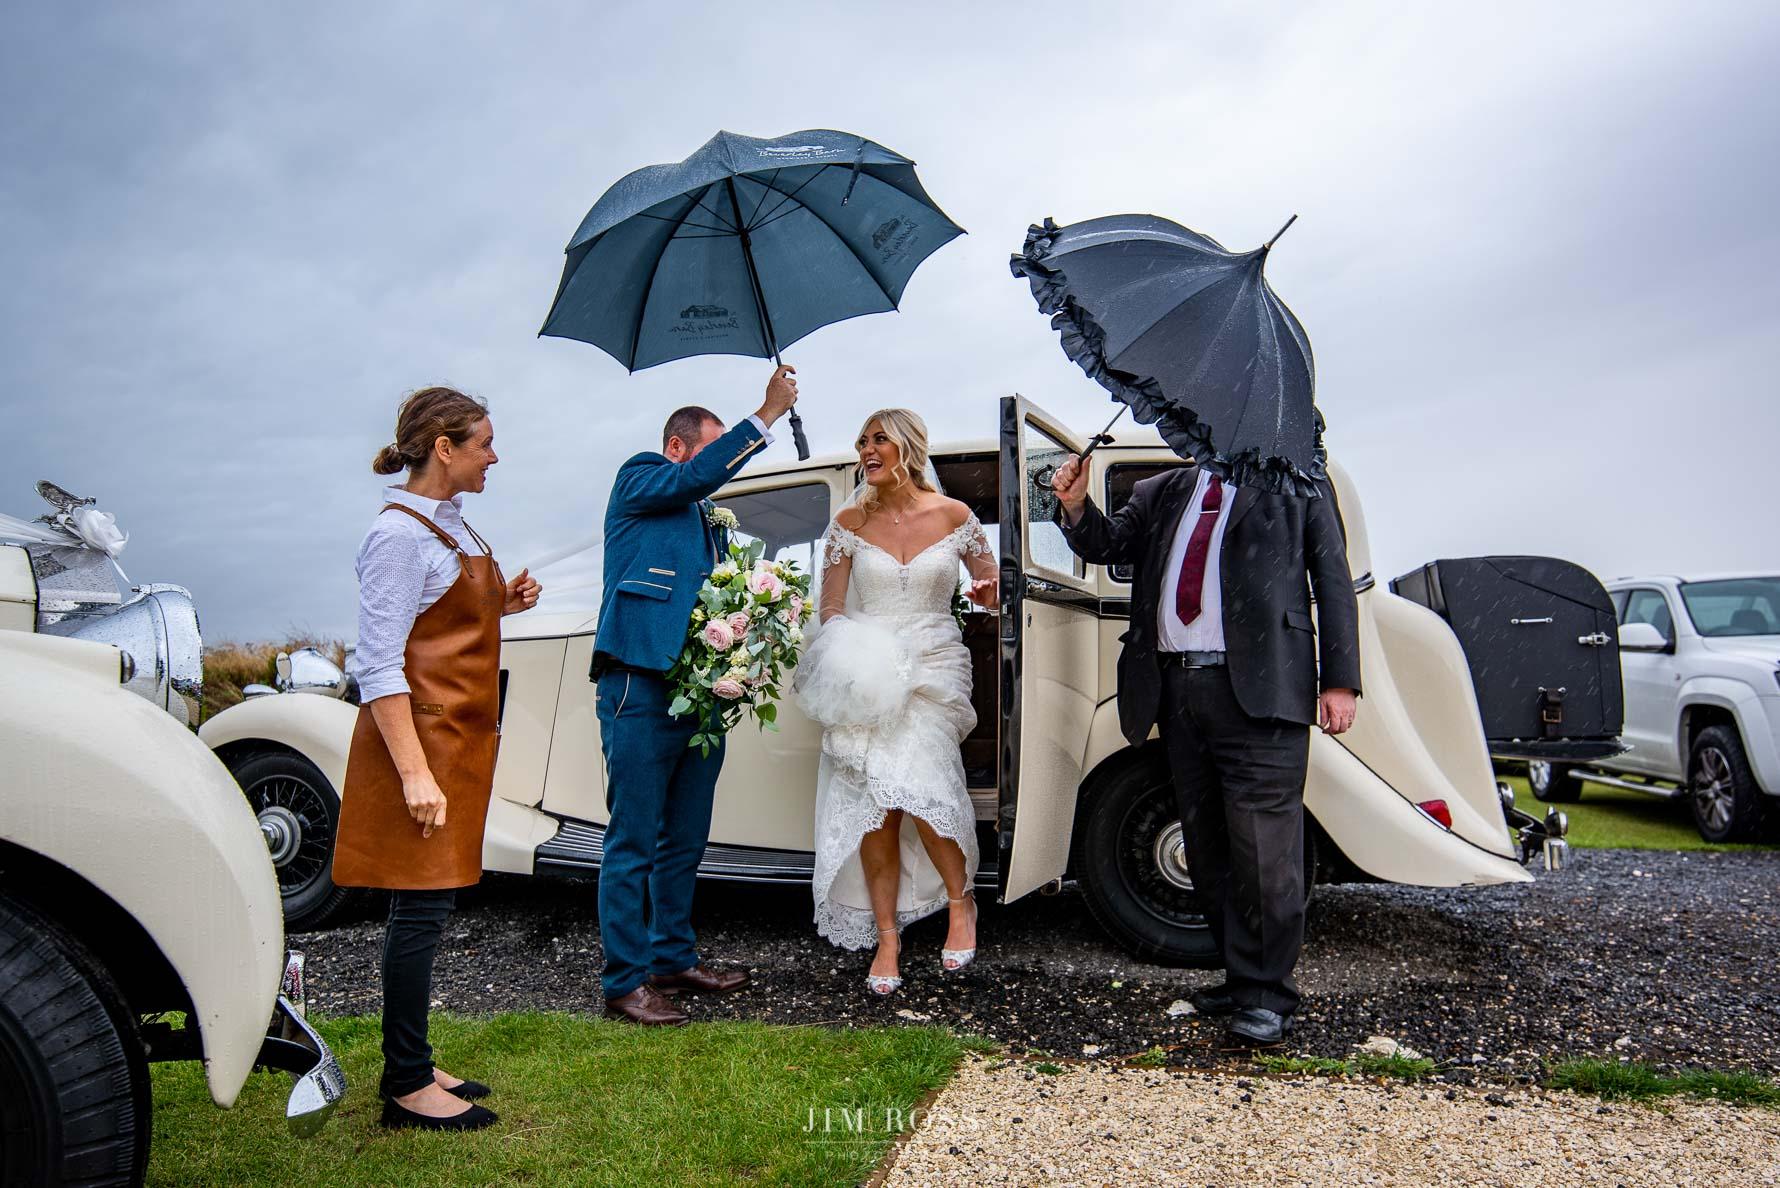 Stepping out Rolls Royce wedding car